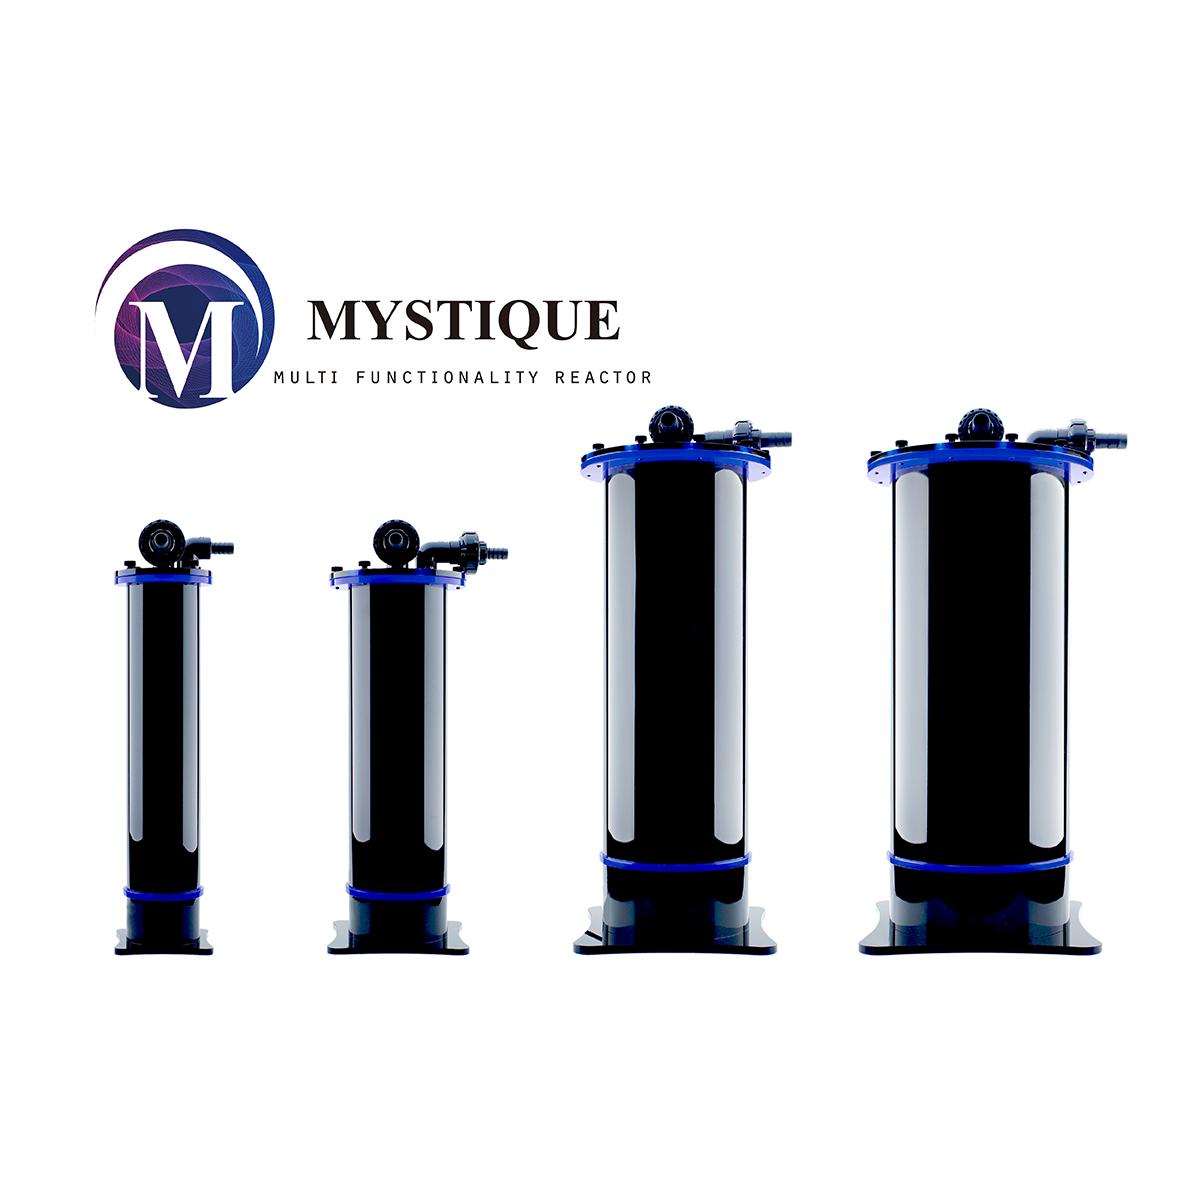 Mystique series